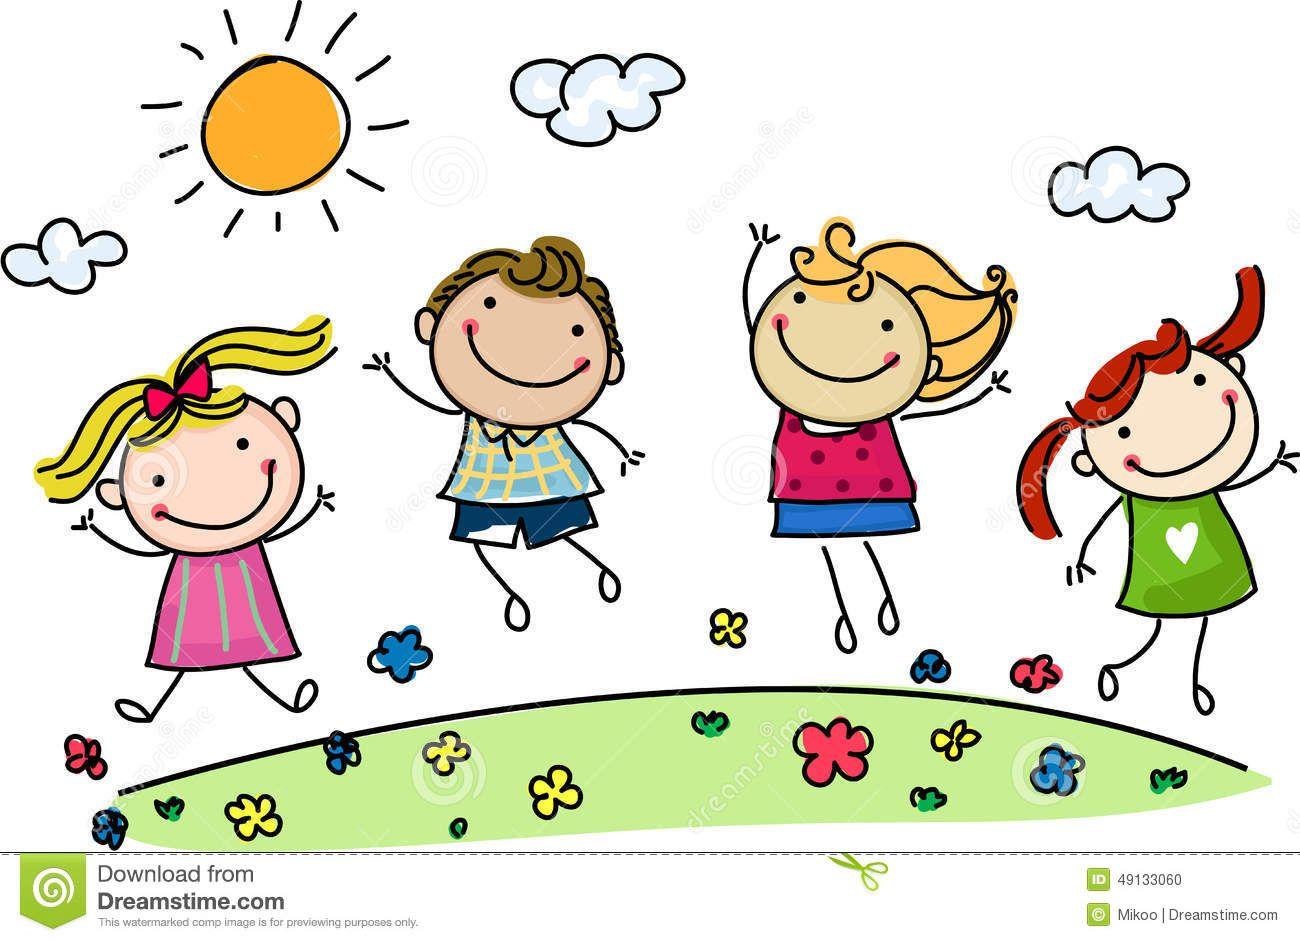 Jongen Meisje Google Zoeken Nino Jugando Dibujo Dibujo De Munecos Ninos Dibujos Animados